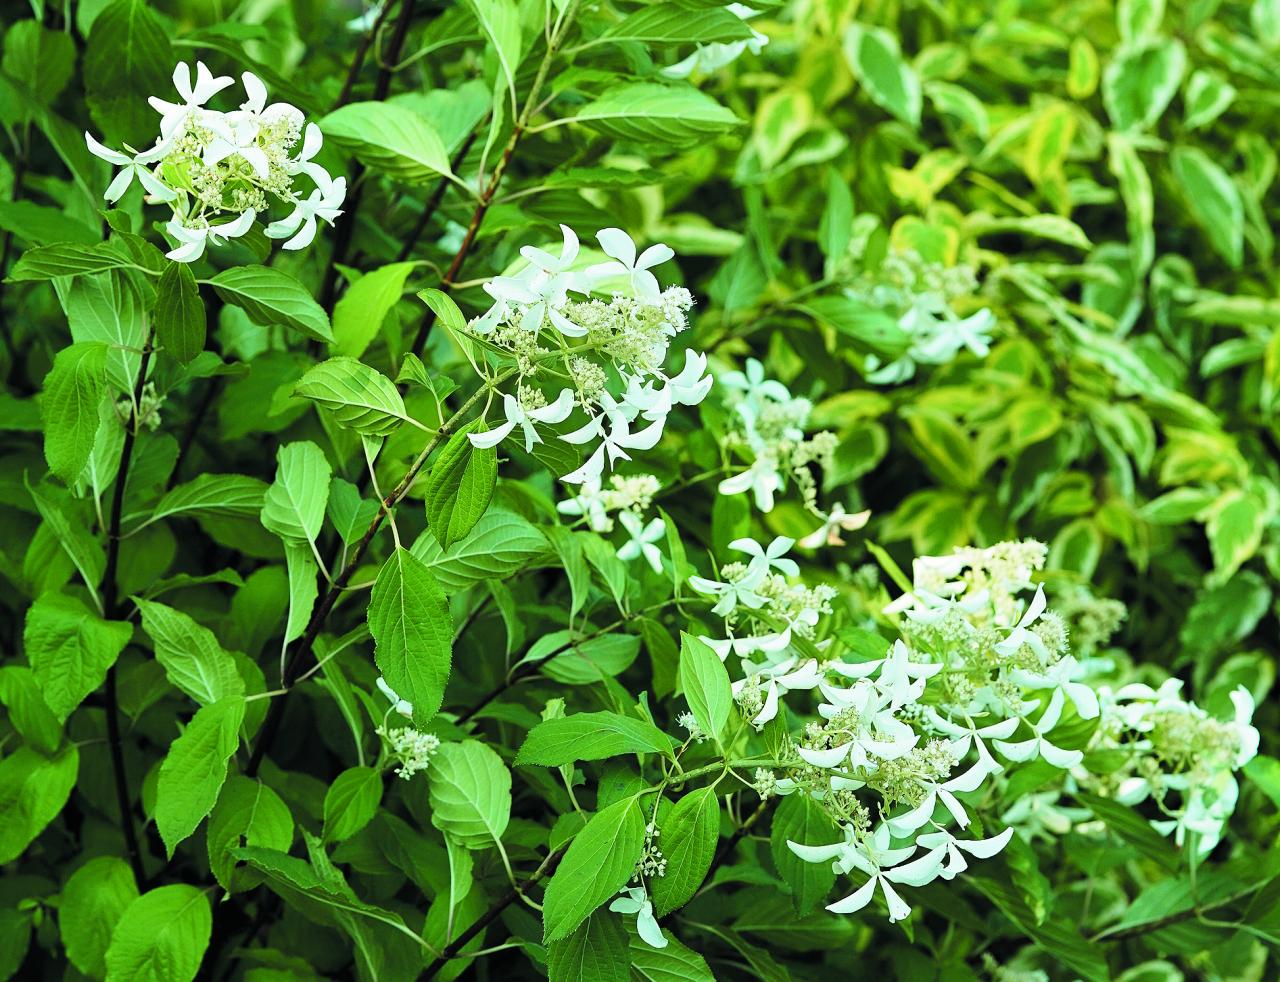 Levana. Viena no visaugstākajām hortenzijām, augums sasniedz 3 m. Ziedi atšķiras no citām sugas māsām – tie izskatās kā mazas, draiskas zvaigznītes, kas izkārtojušās līdz 50 cm garās konusveida skarās.